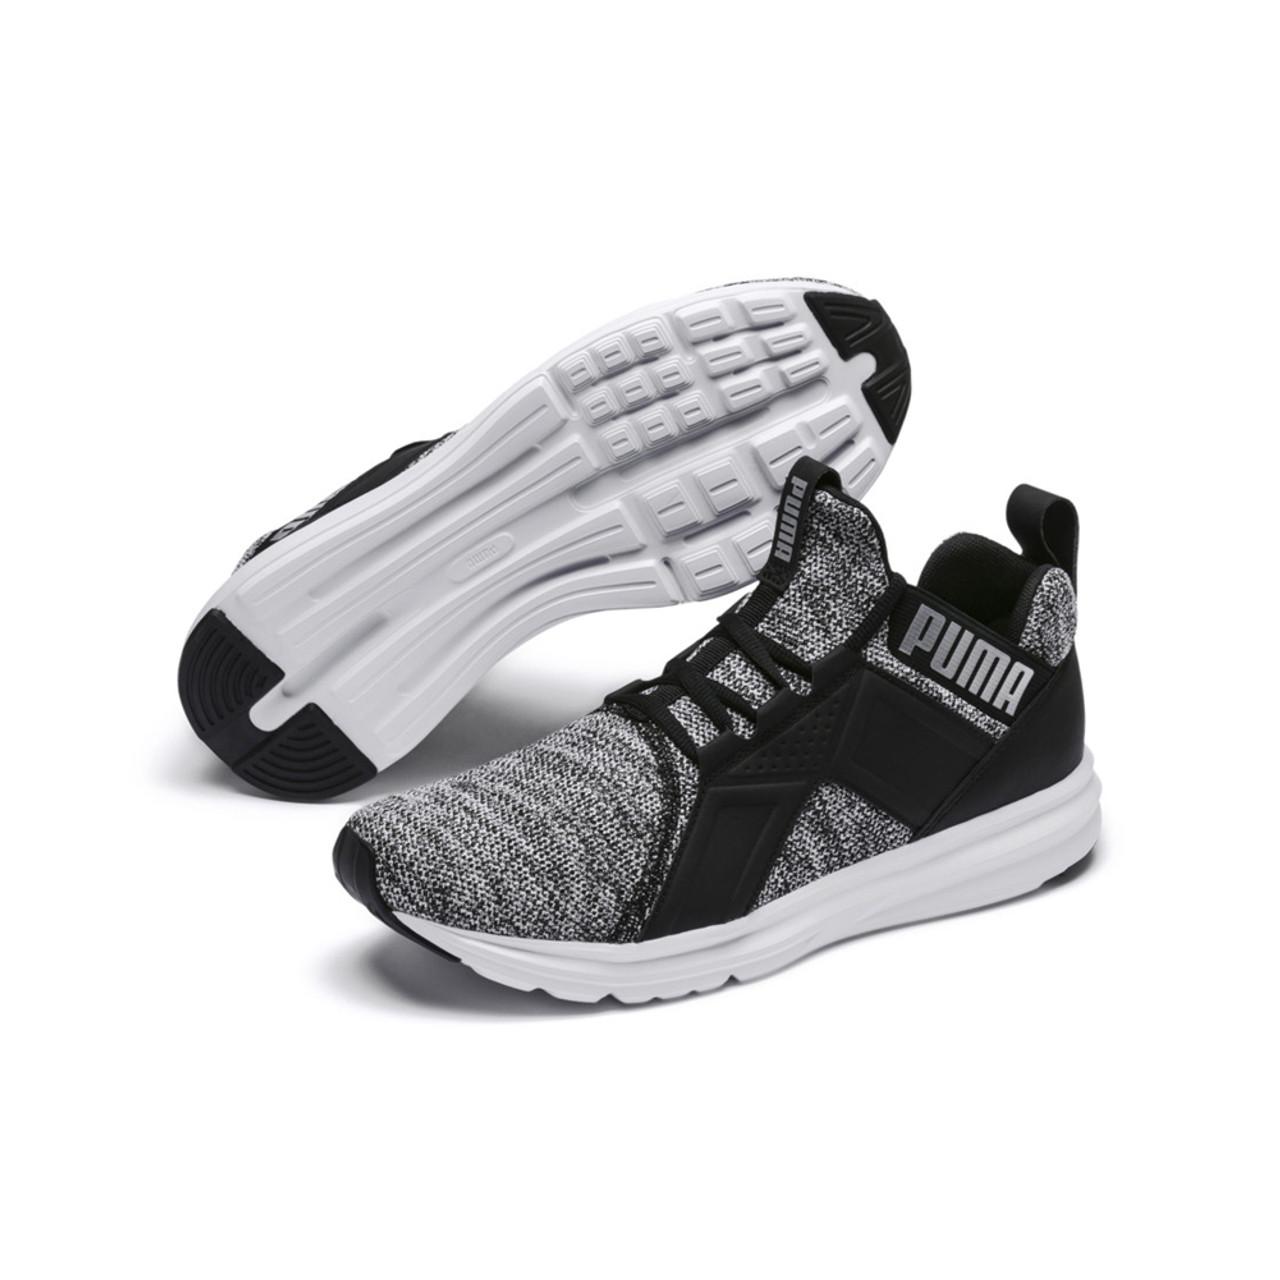 Puma Men's Enzo Knit NM Sneaker - Black